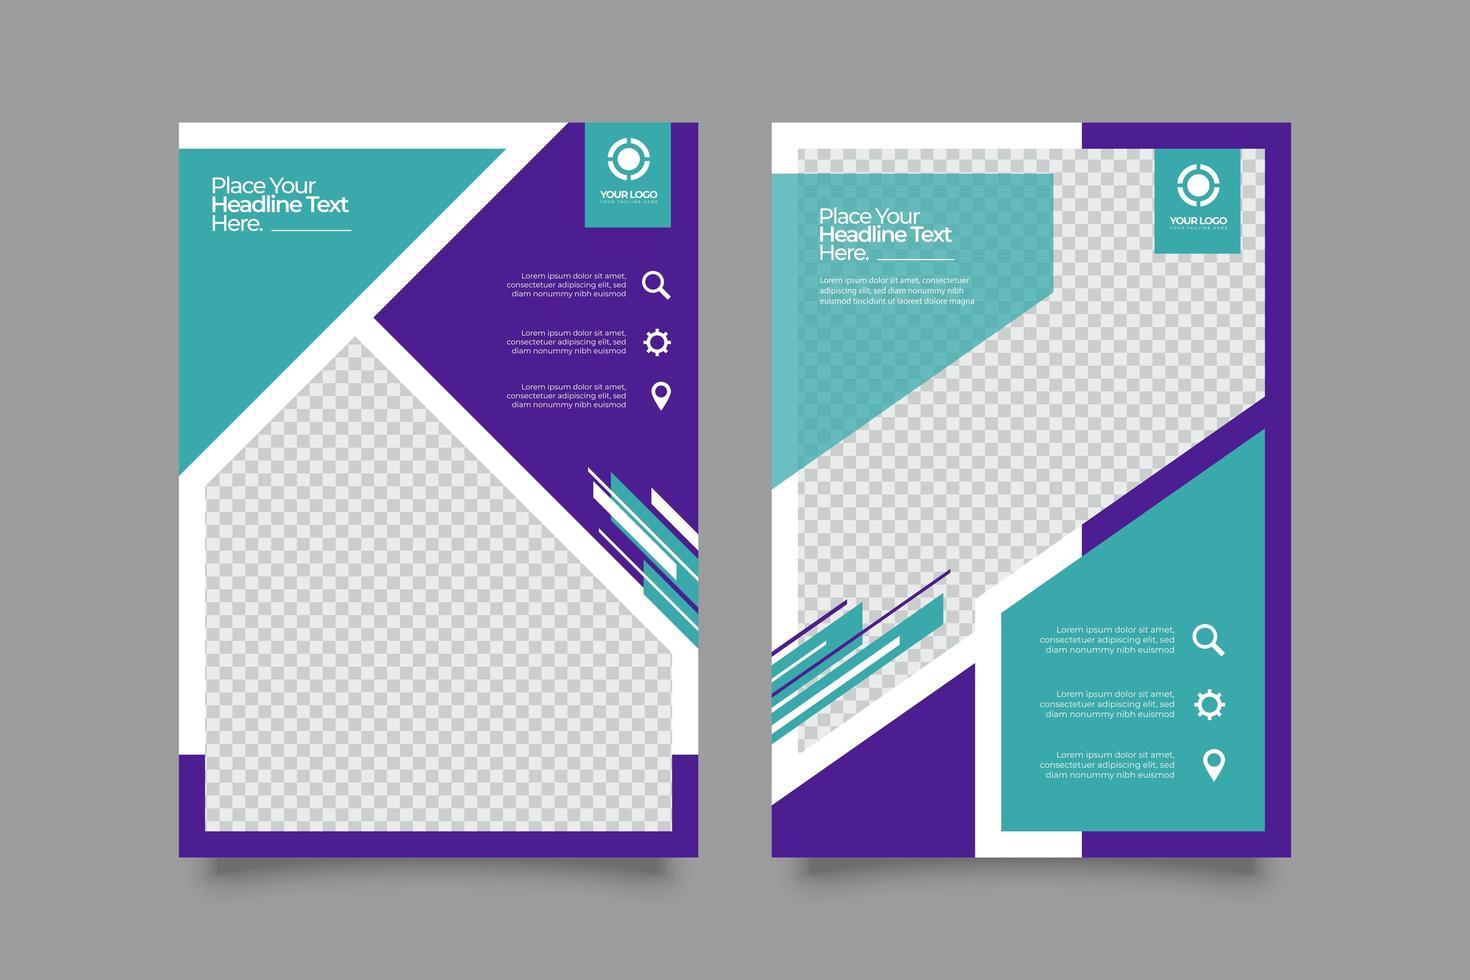 conjunto de diseño de plantilla de volante de promoción empresarial vector